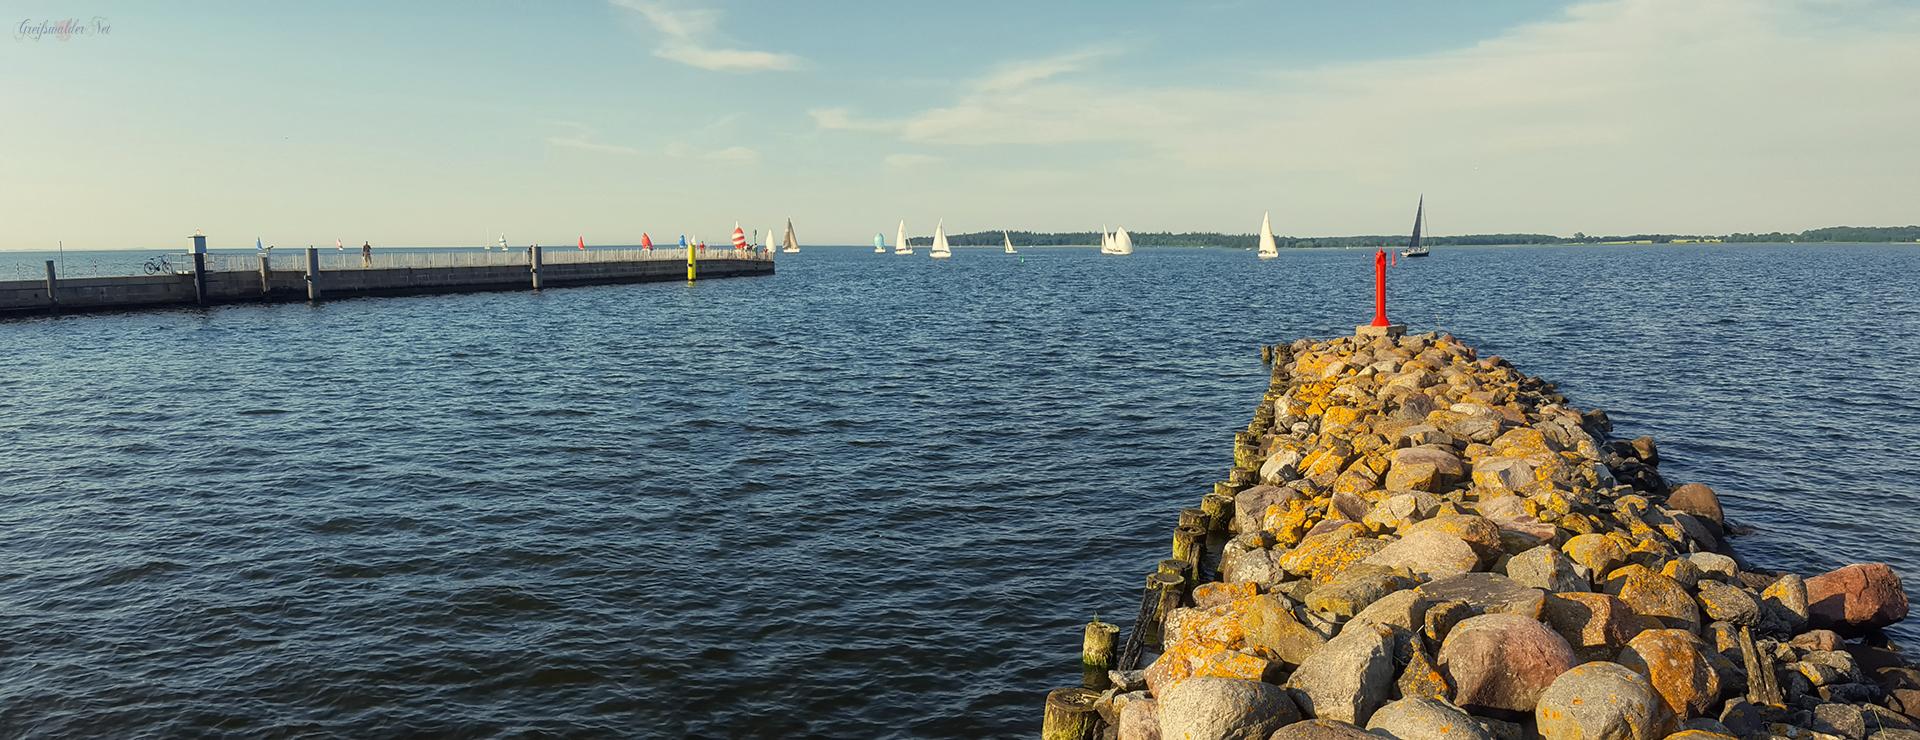 Nord- und Südmole in Greifswald-Wieck